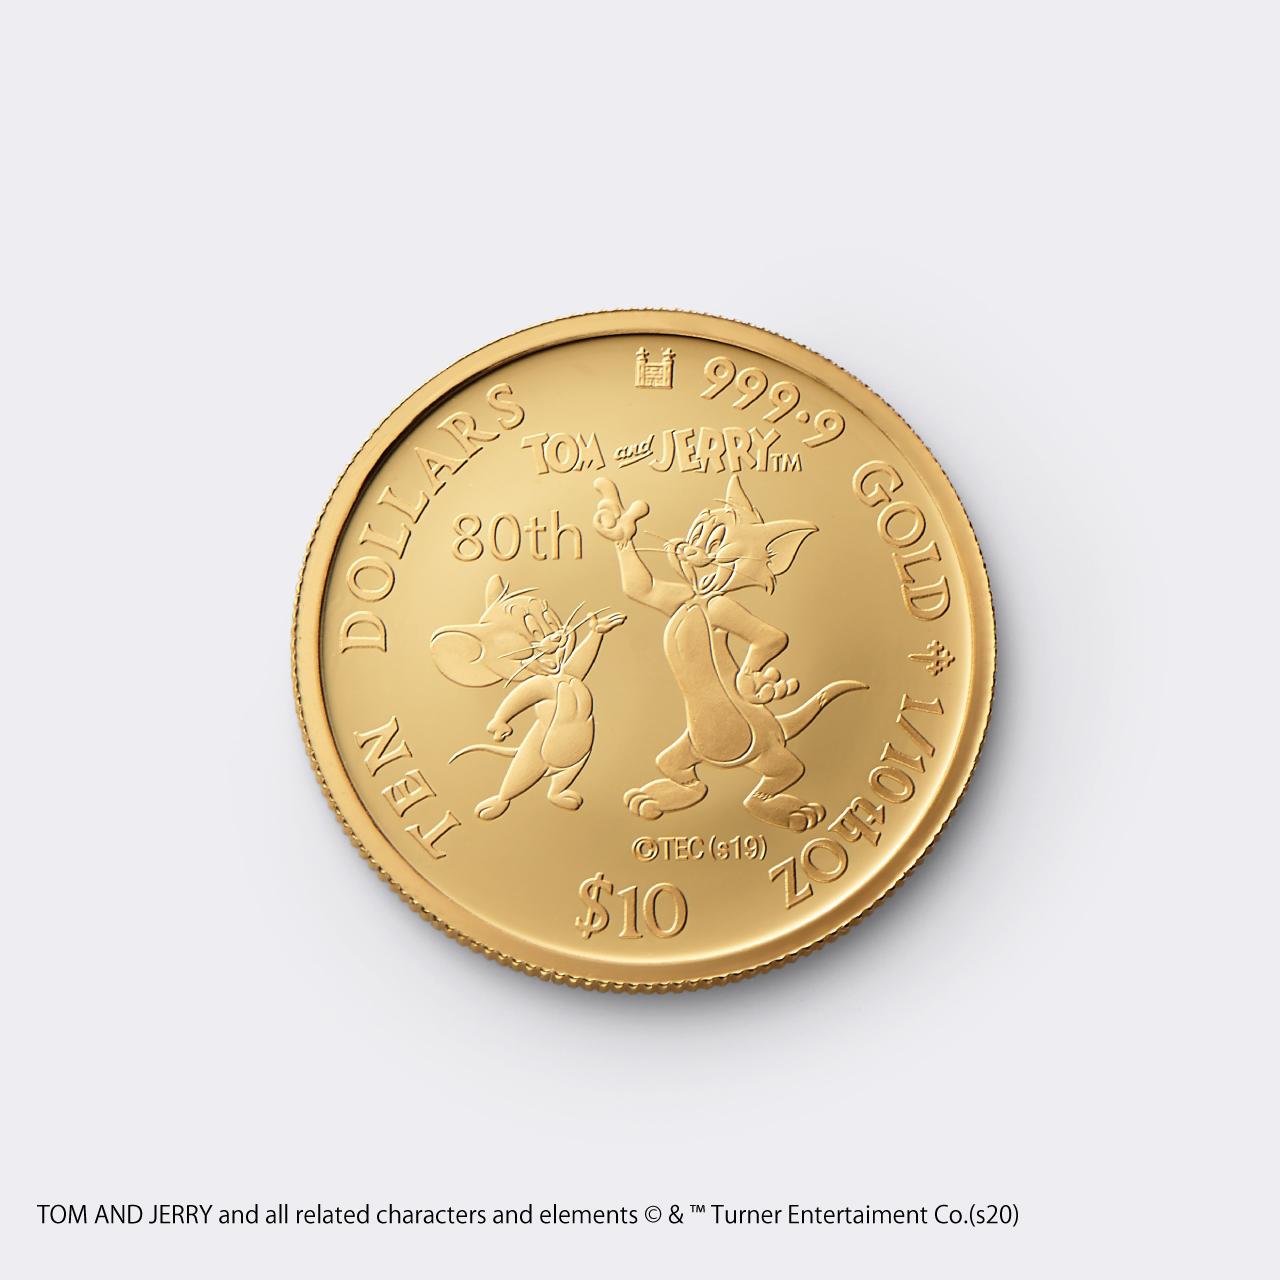 2020 TOM&JERRY 1/10 GOLD PROOF COIN(トムとジェリー 80周年記念硬貨 1/10オンス)